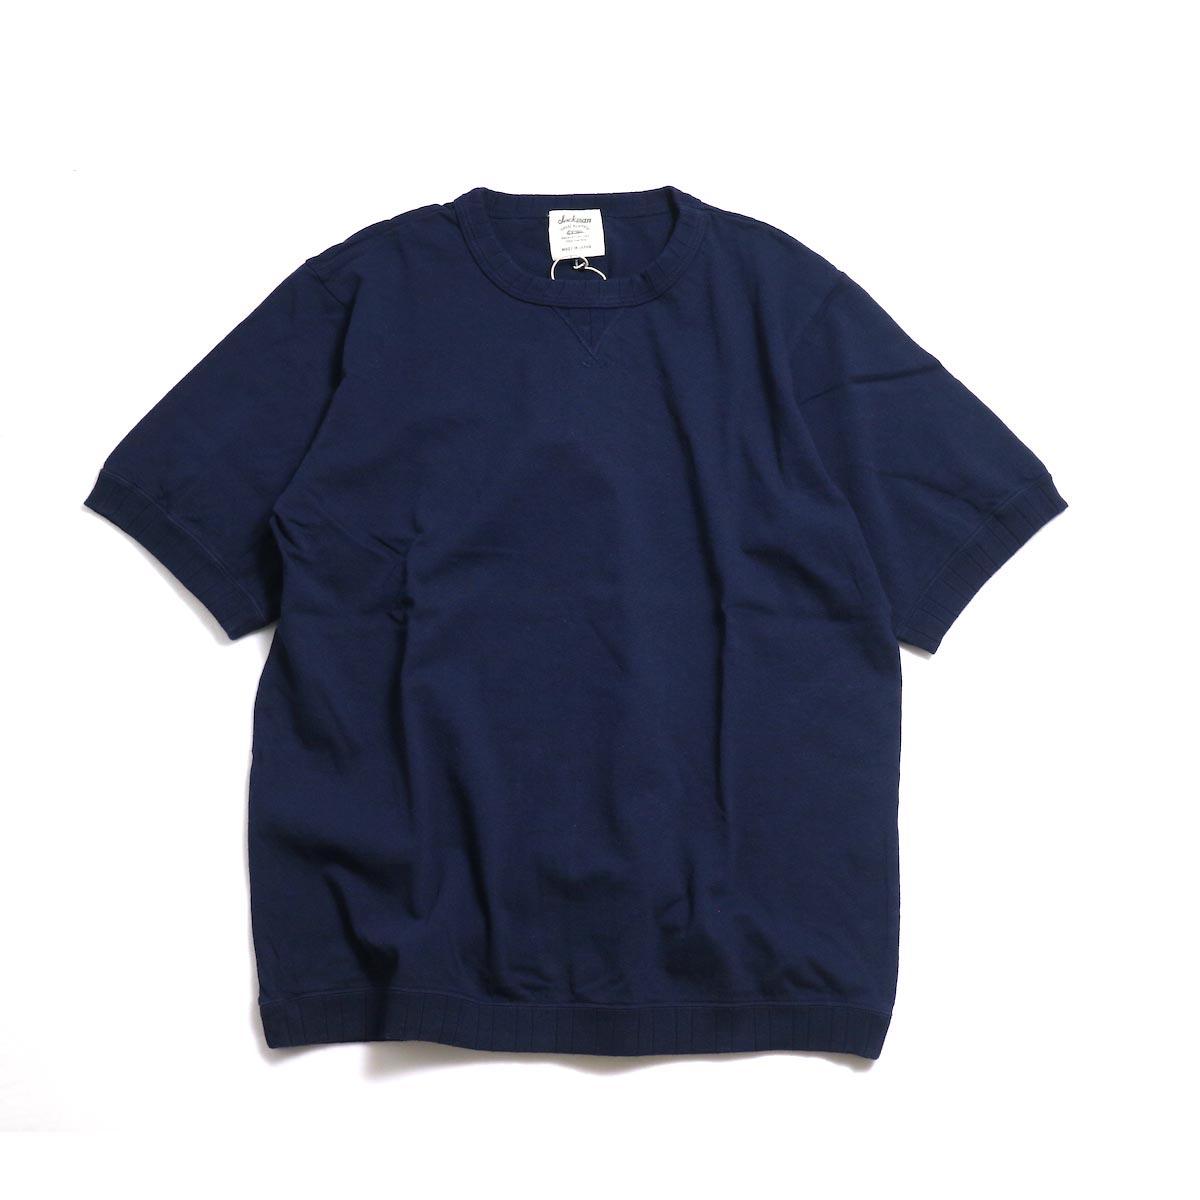 Jackman / Rib T-Shirt -Navy